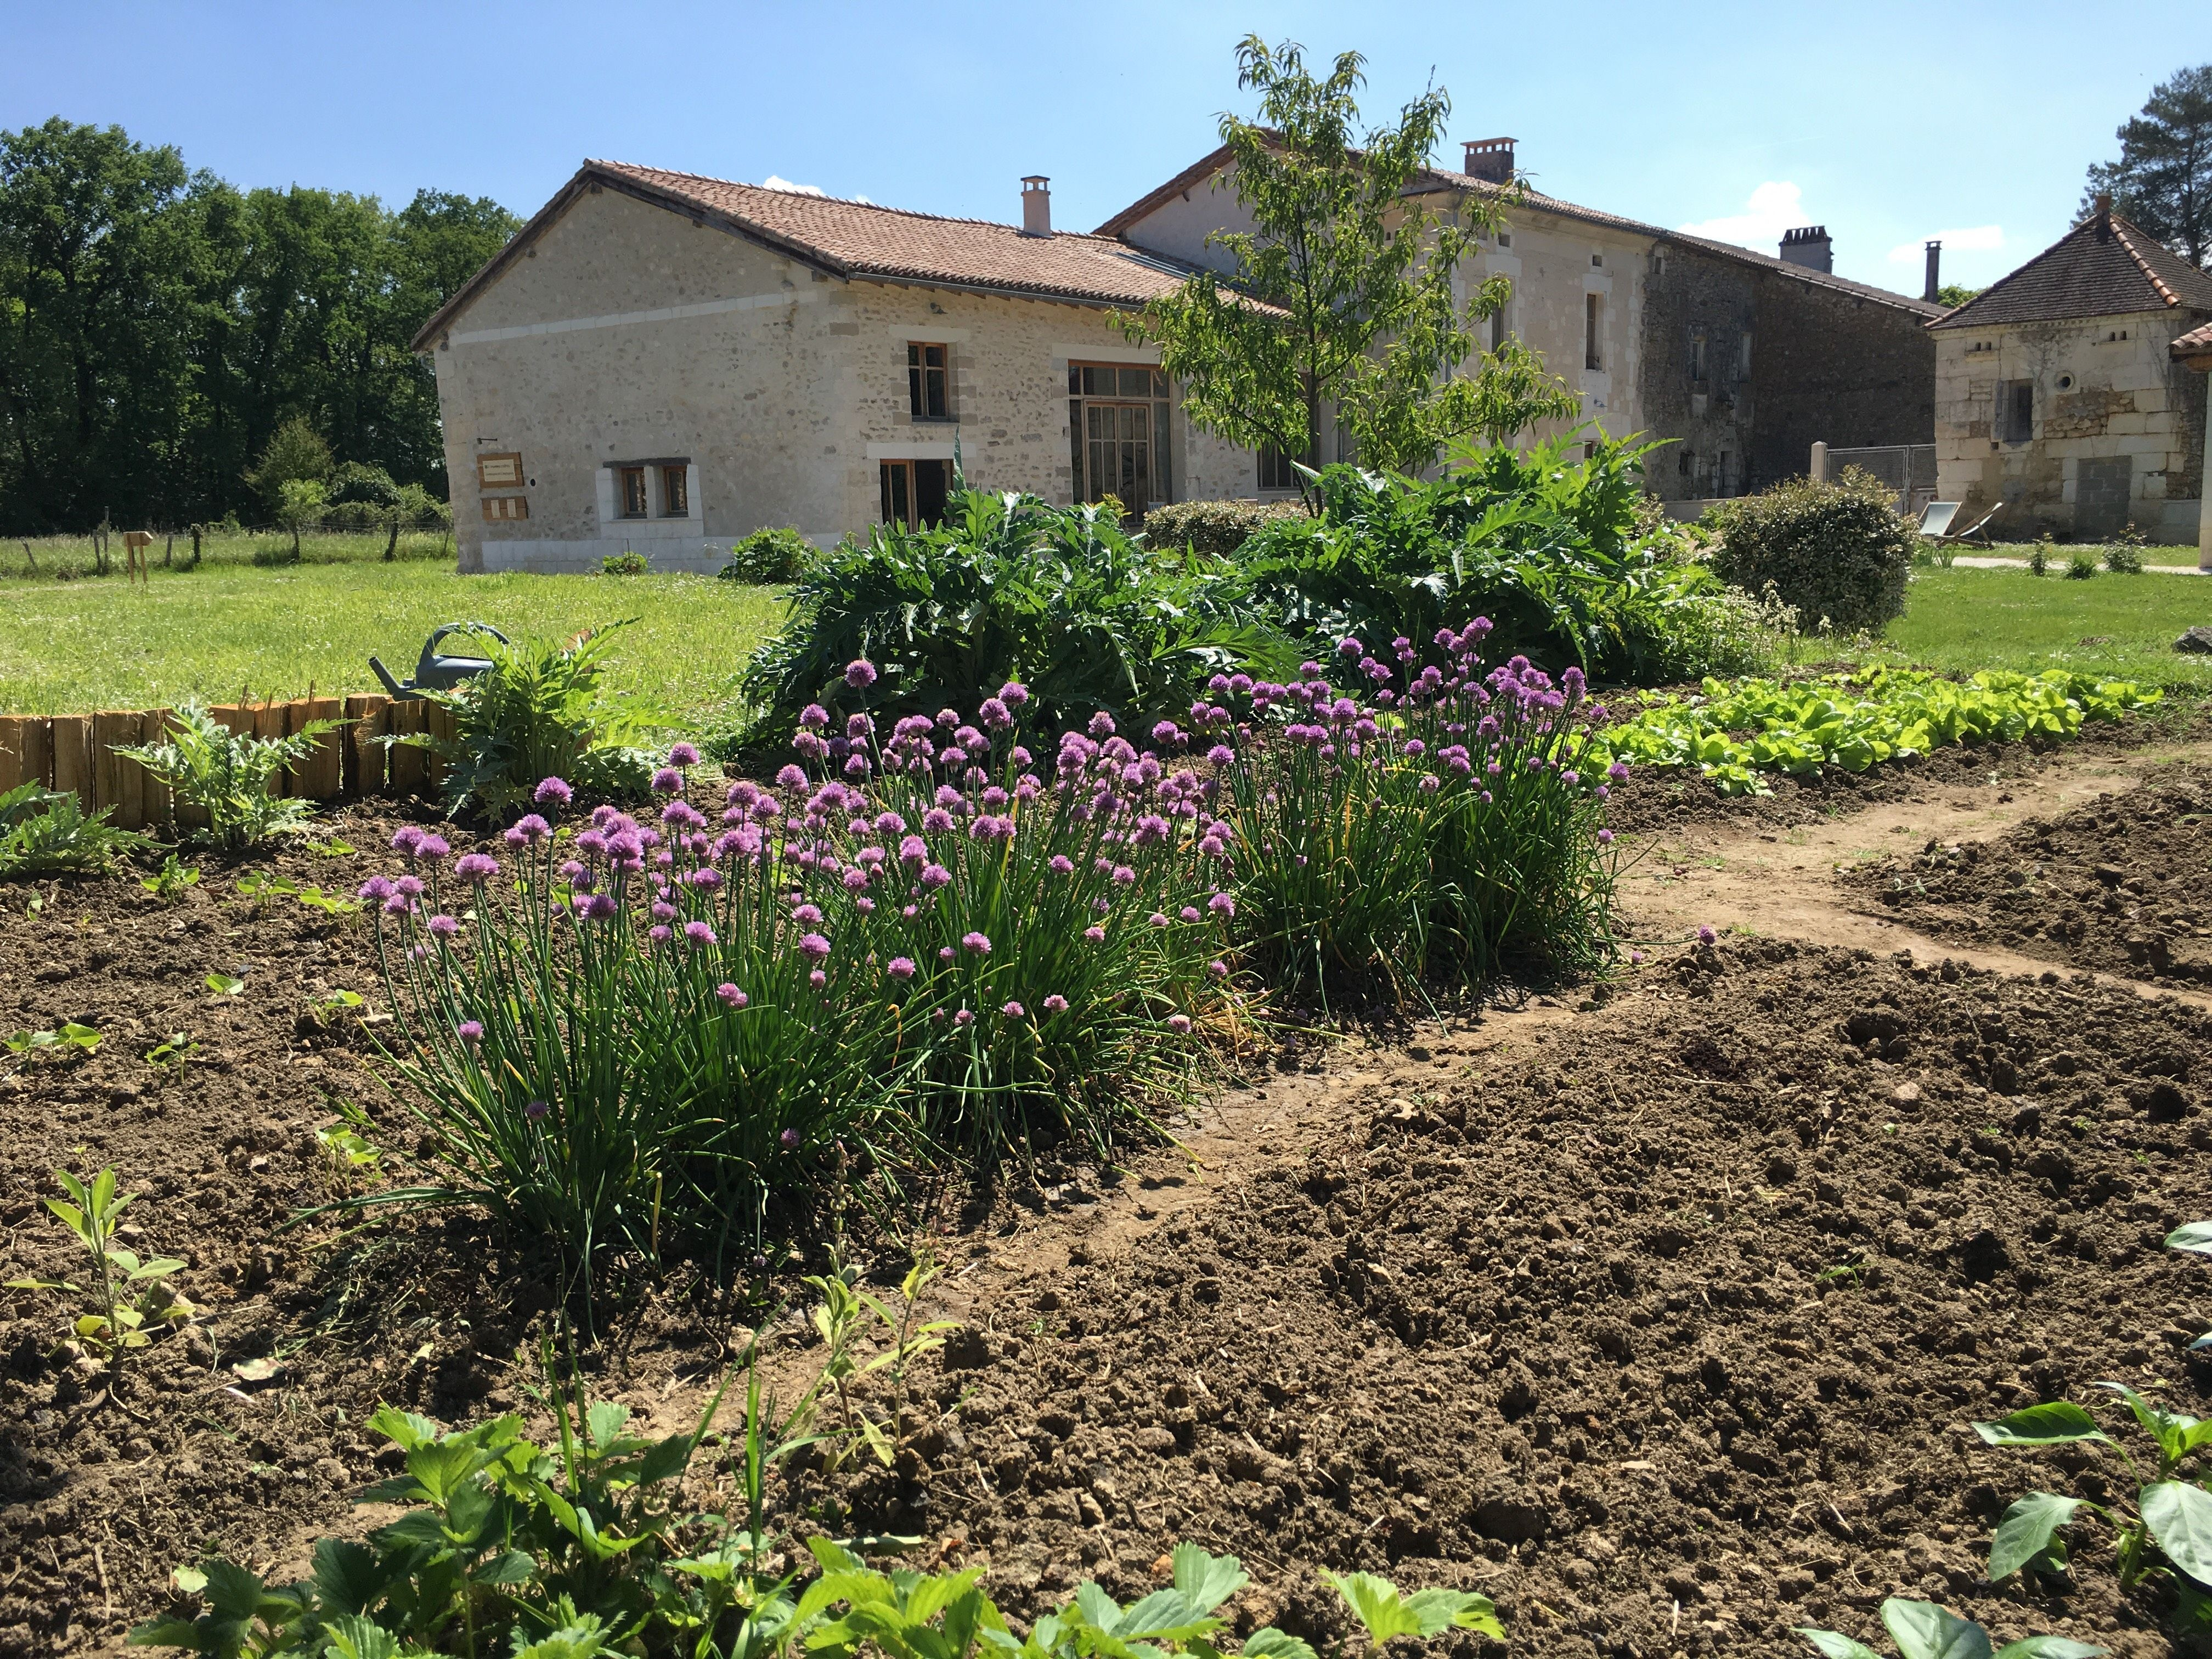 Brantome 54m Tourisme Patrimoine Culturel Chateau